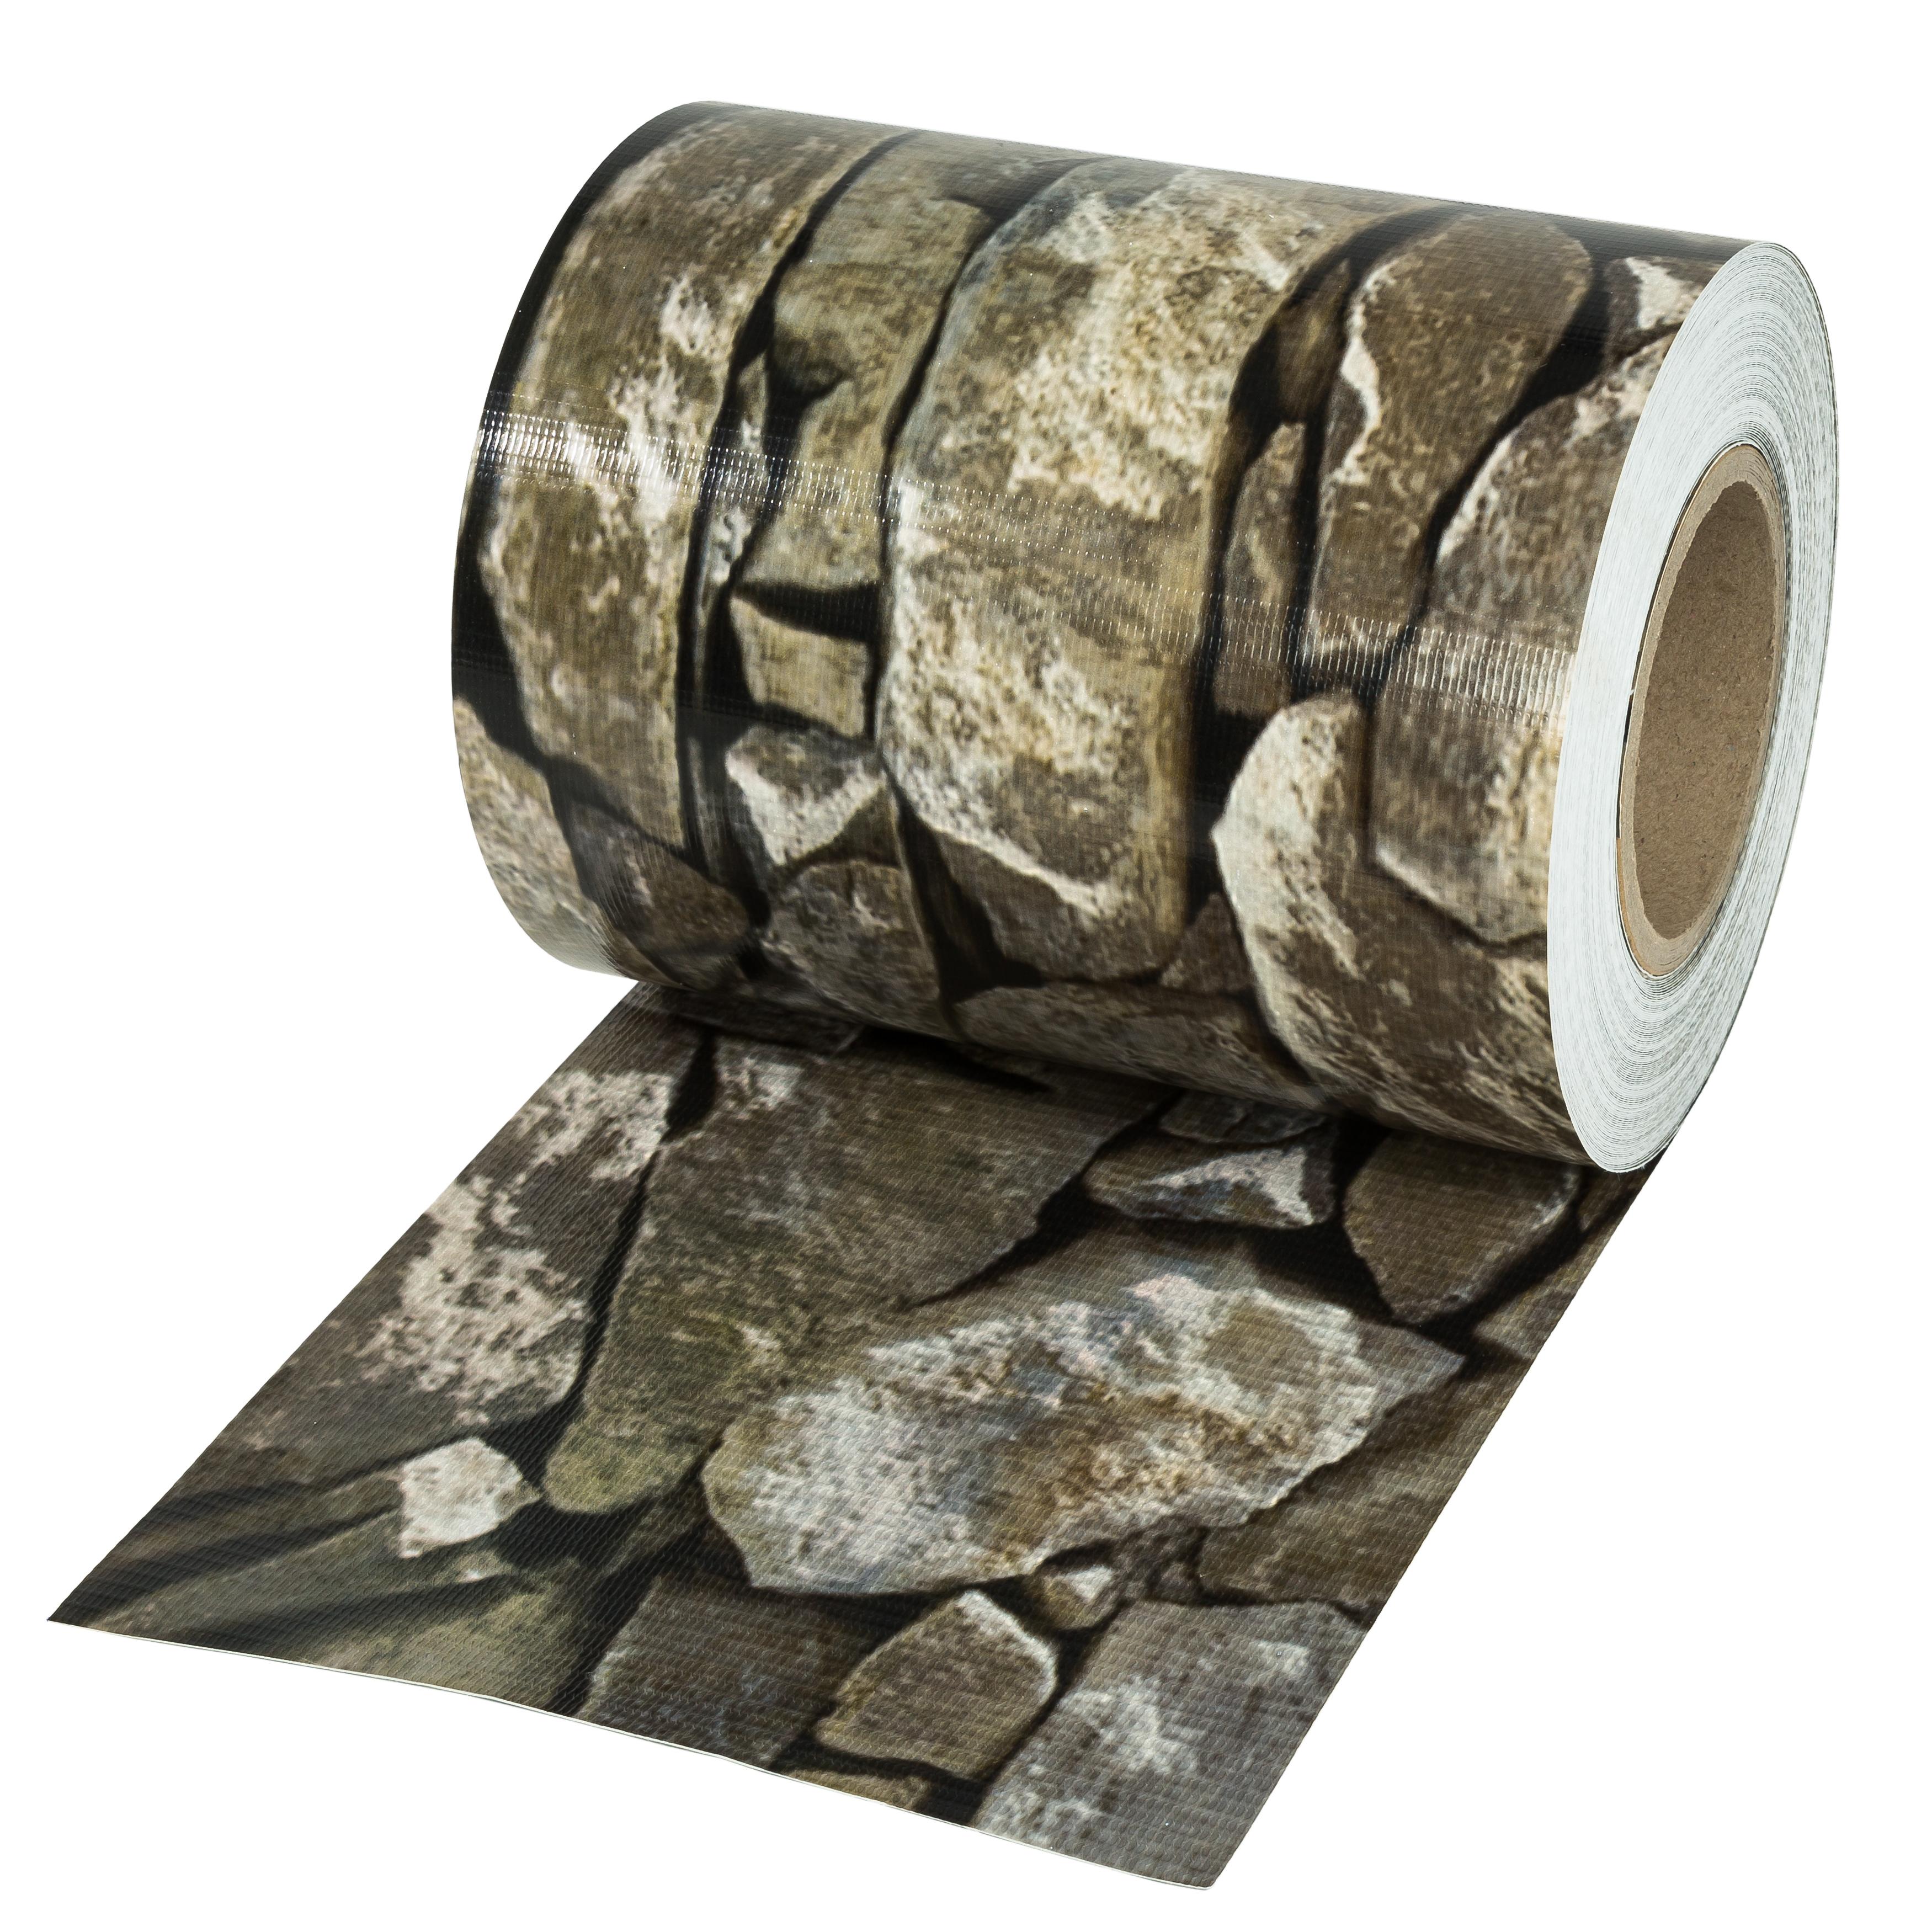 pvc sichtschutz streifen sichtschutzfolie doppelstabmatten zaun 35m stein optik ebay. Black Bedroom Furniture Sets. Home Design Ideas